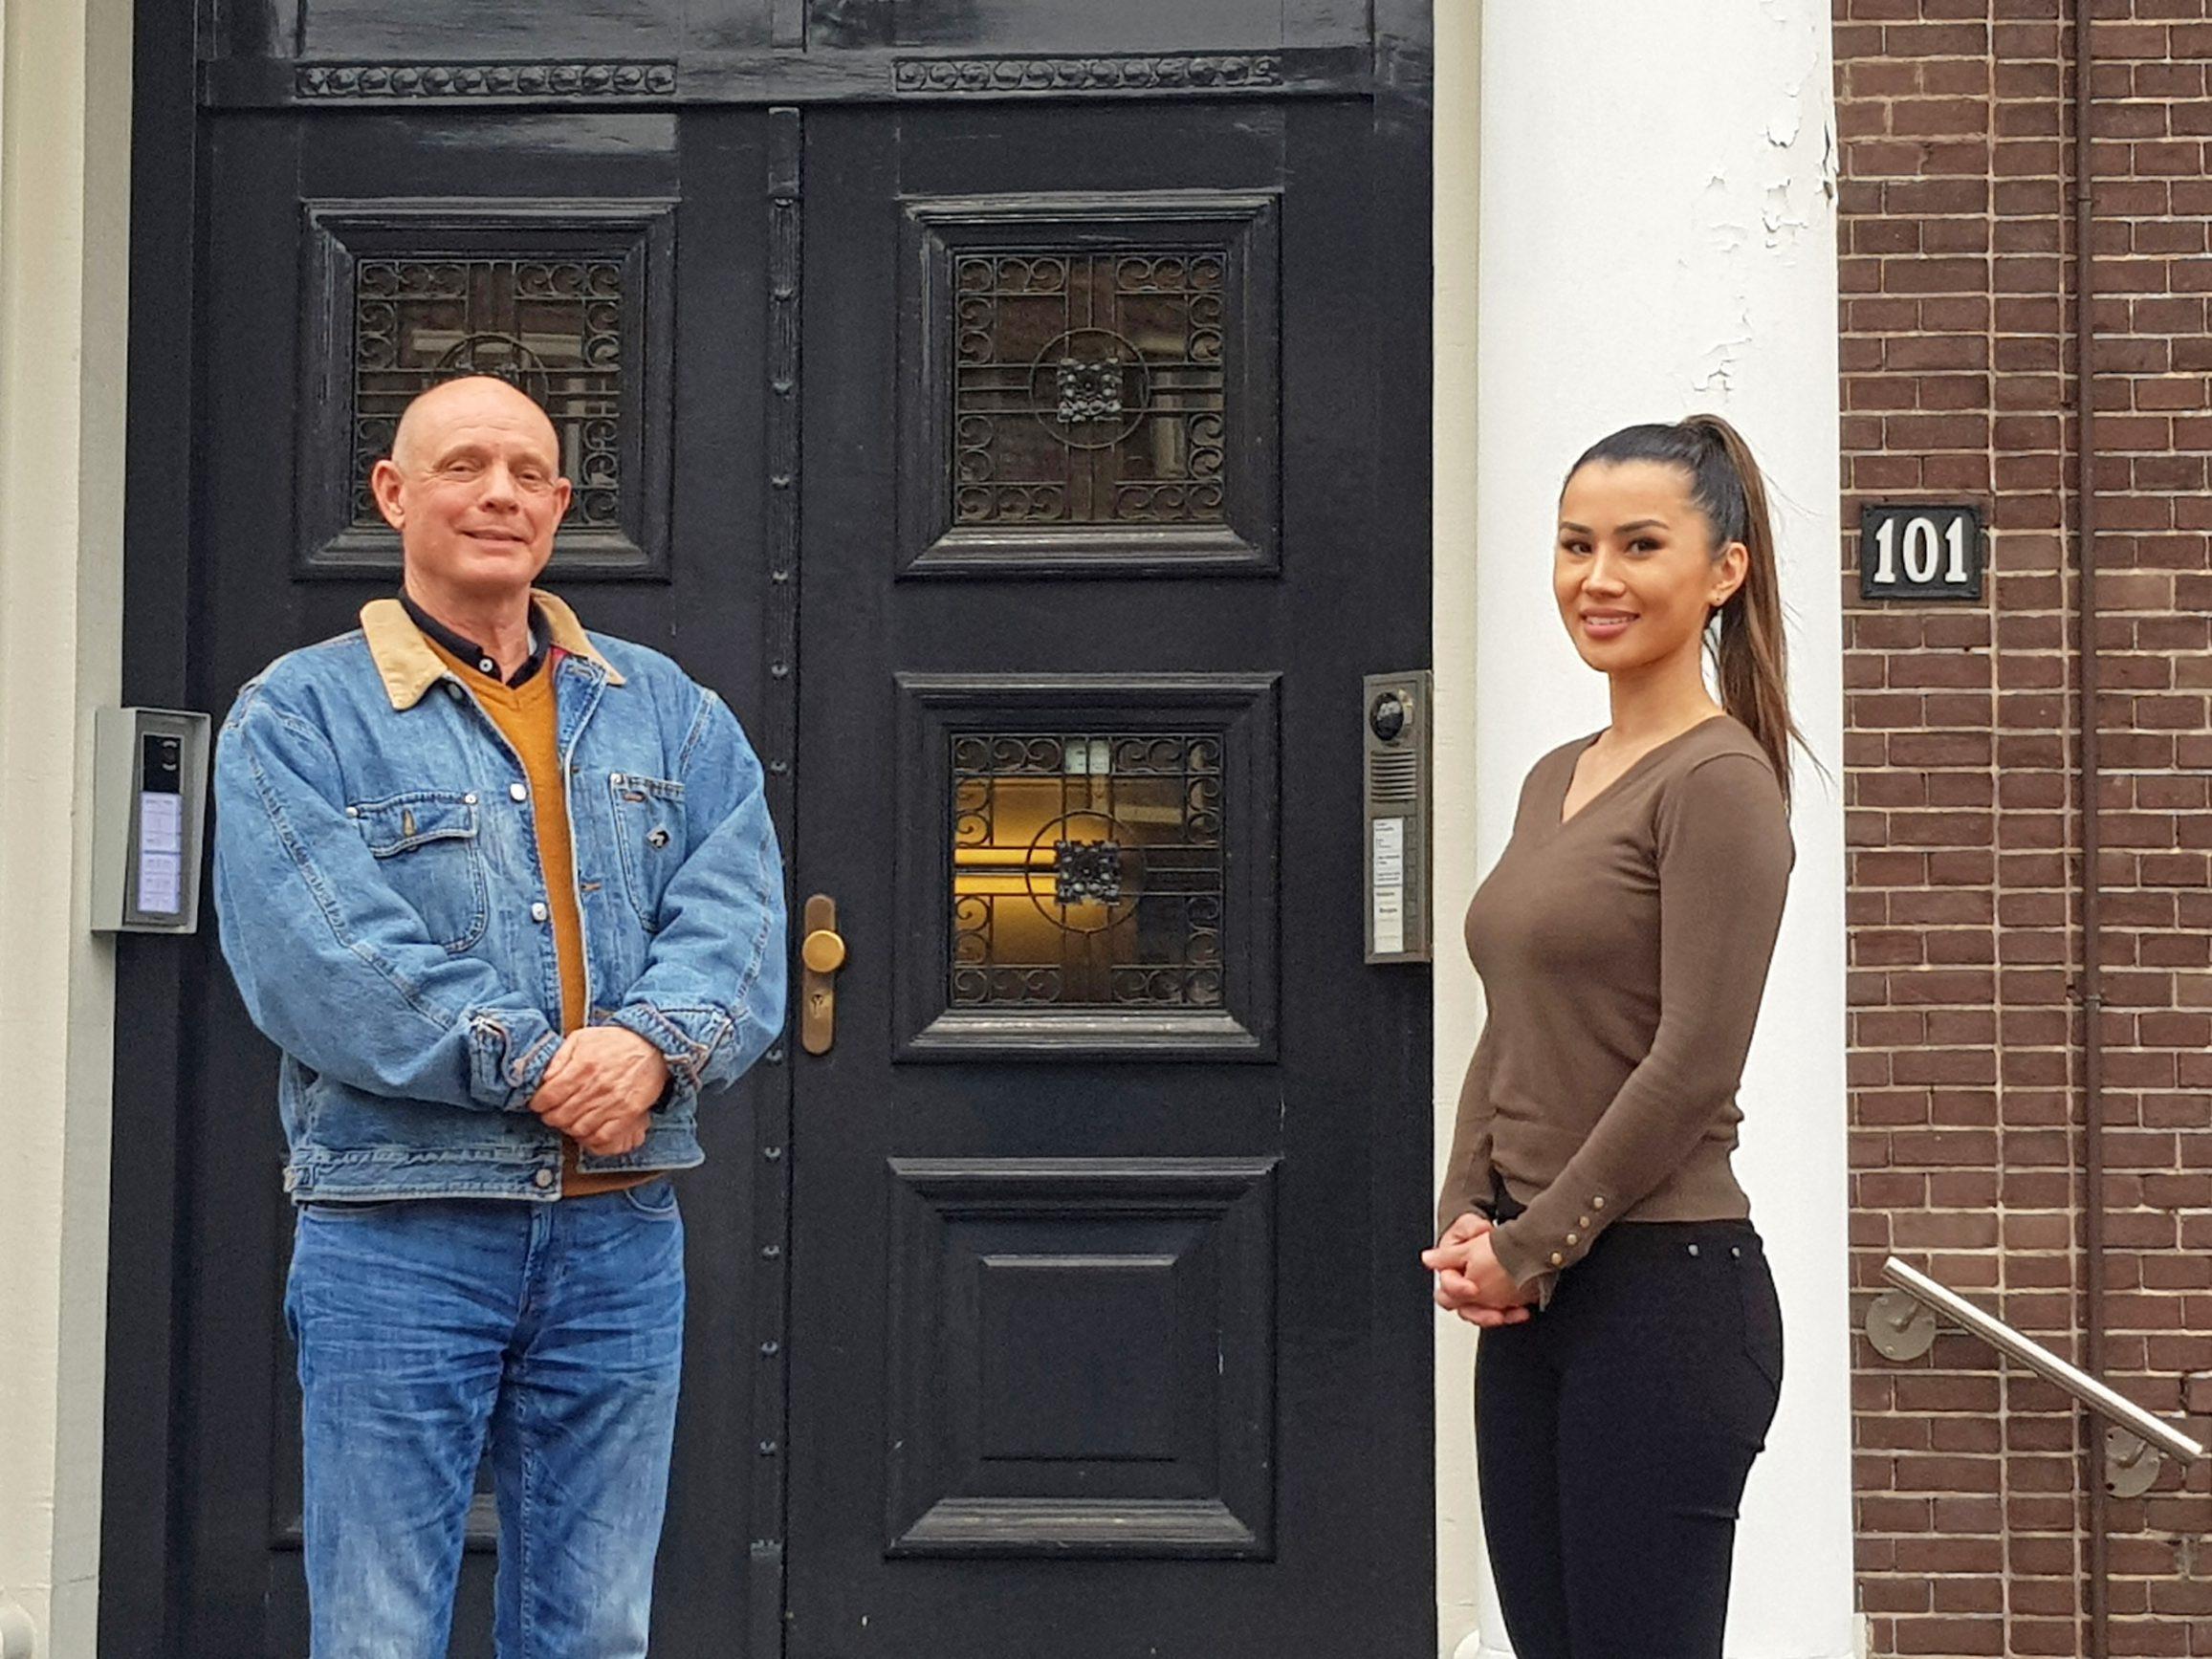 Tandrijk Mondzorg opent haar deuren in Nijmegen-Oost